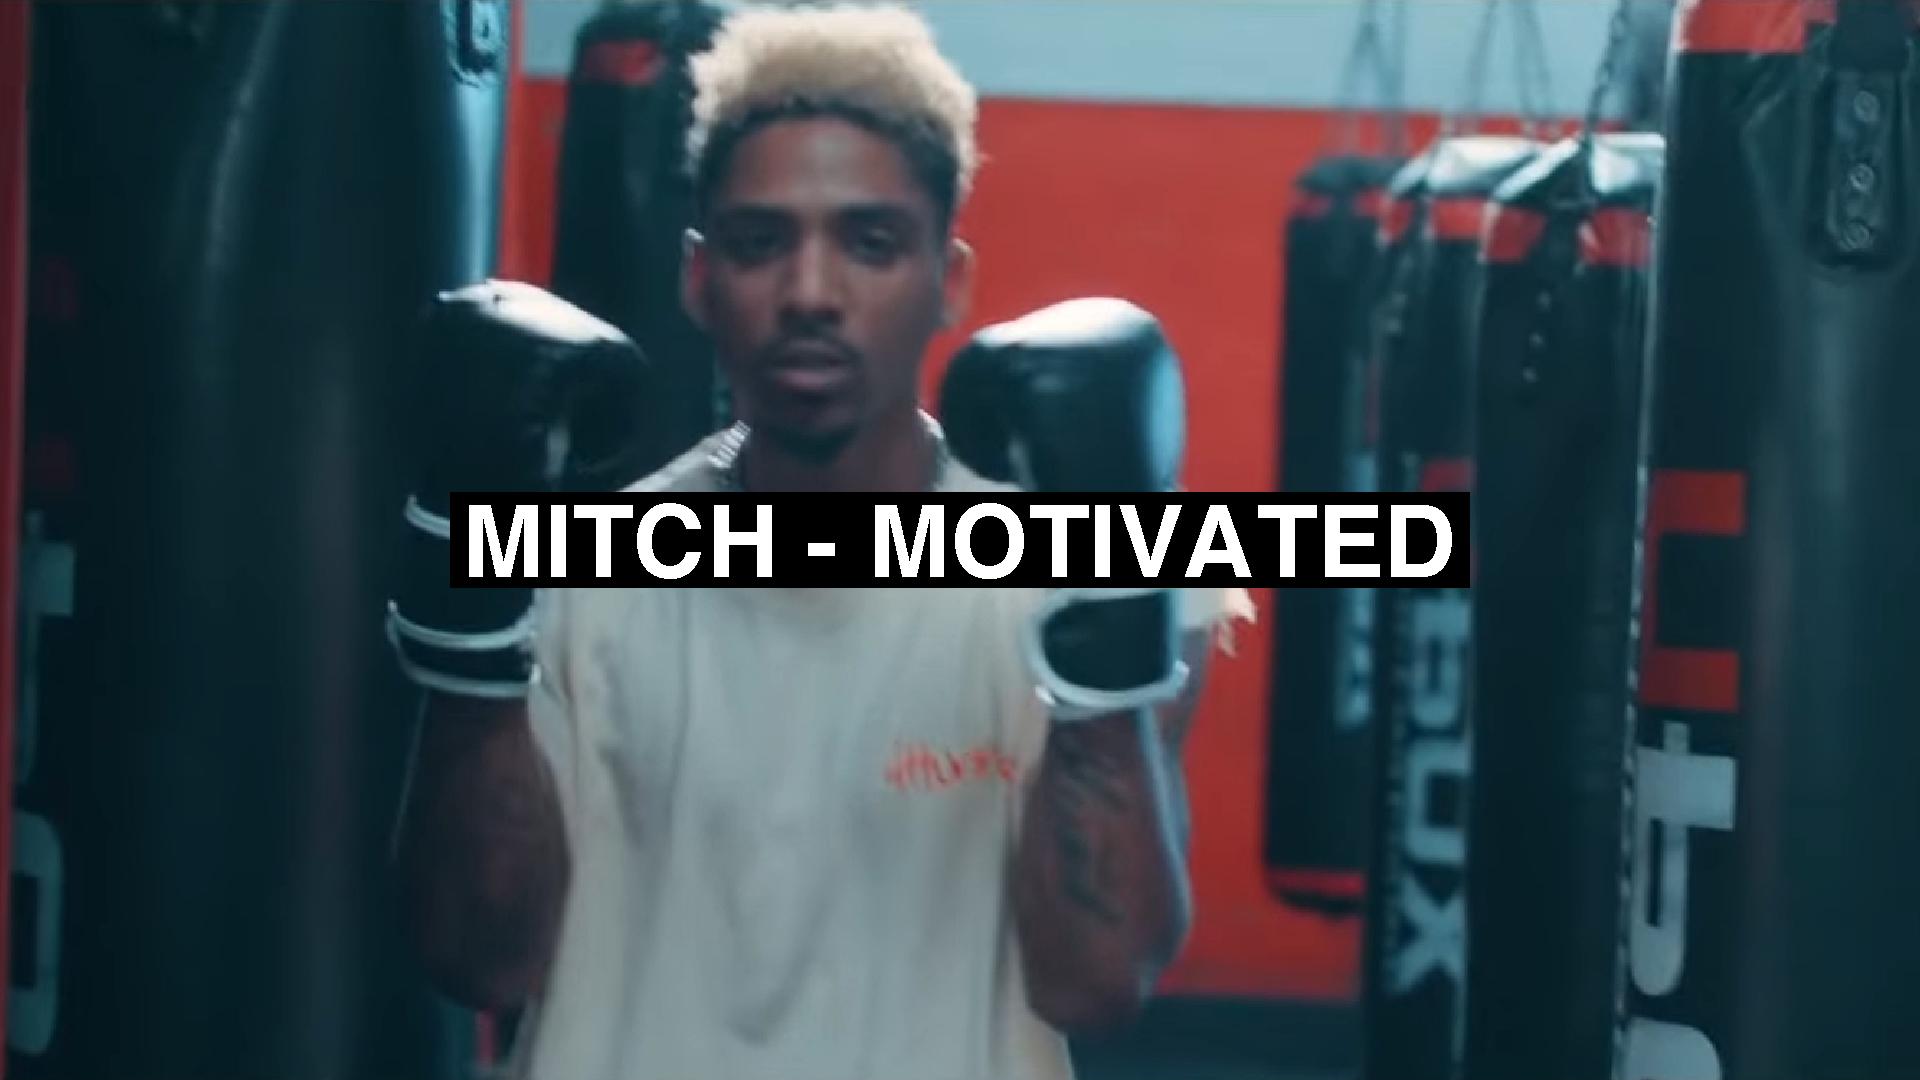 mitch motivated.jpg